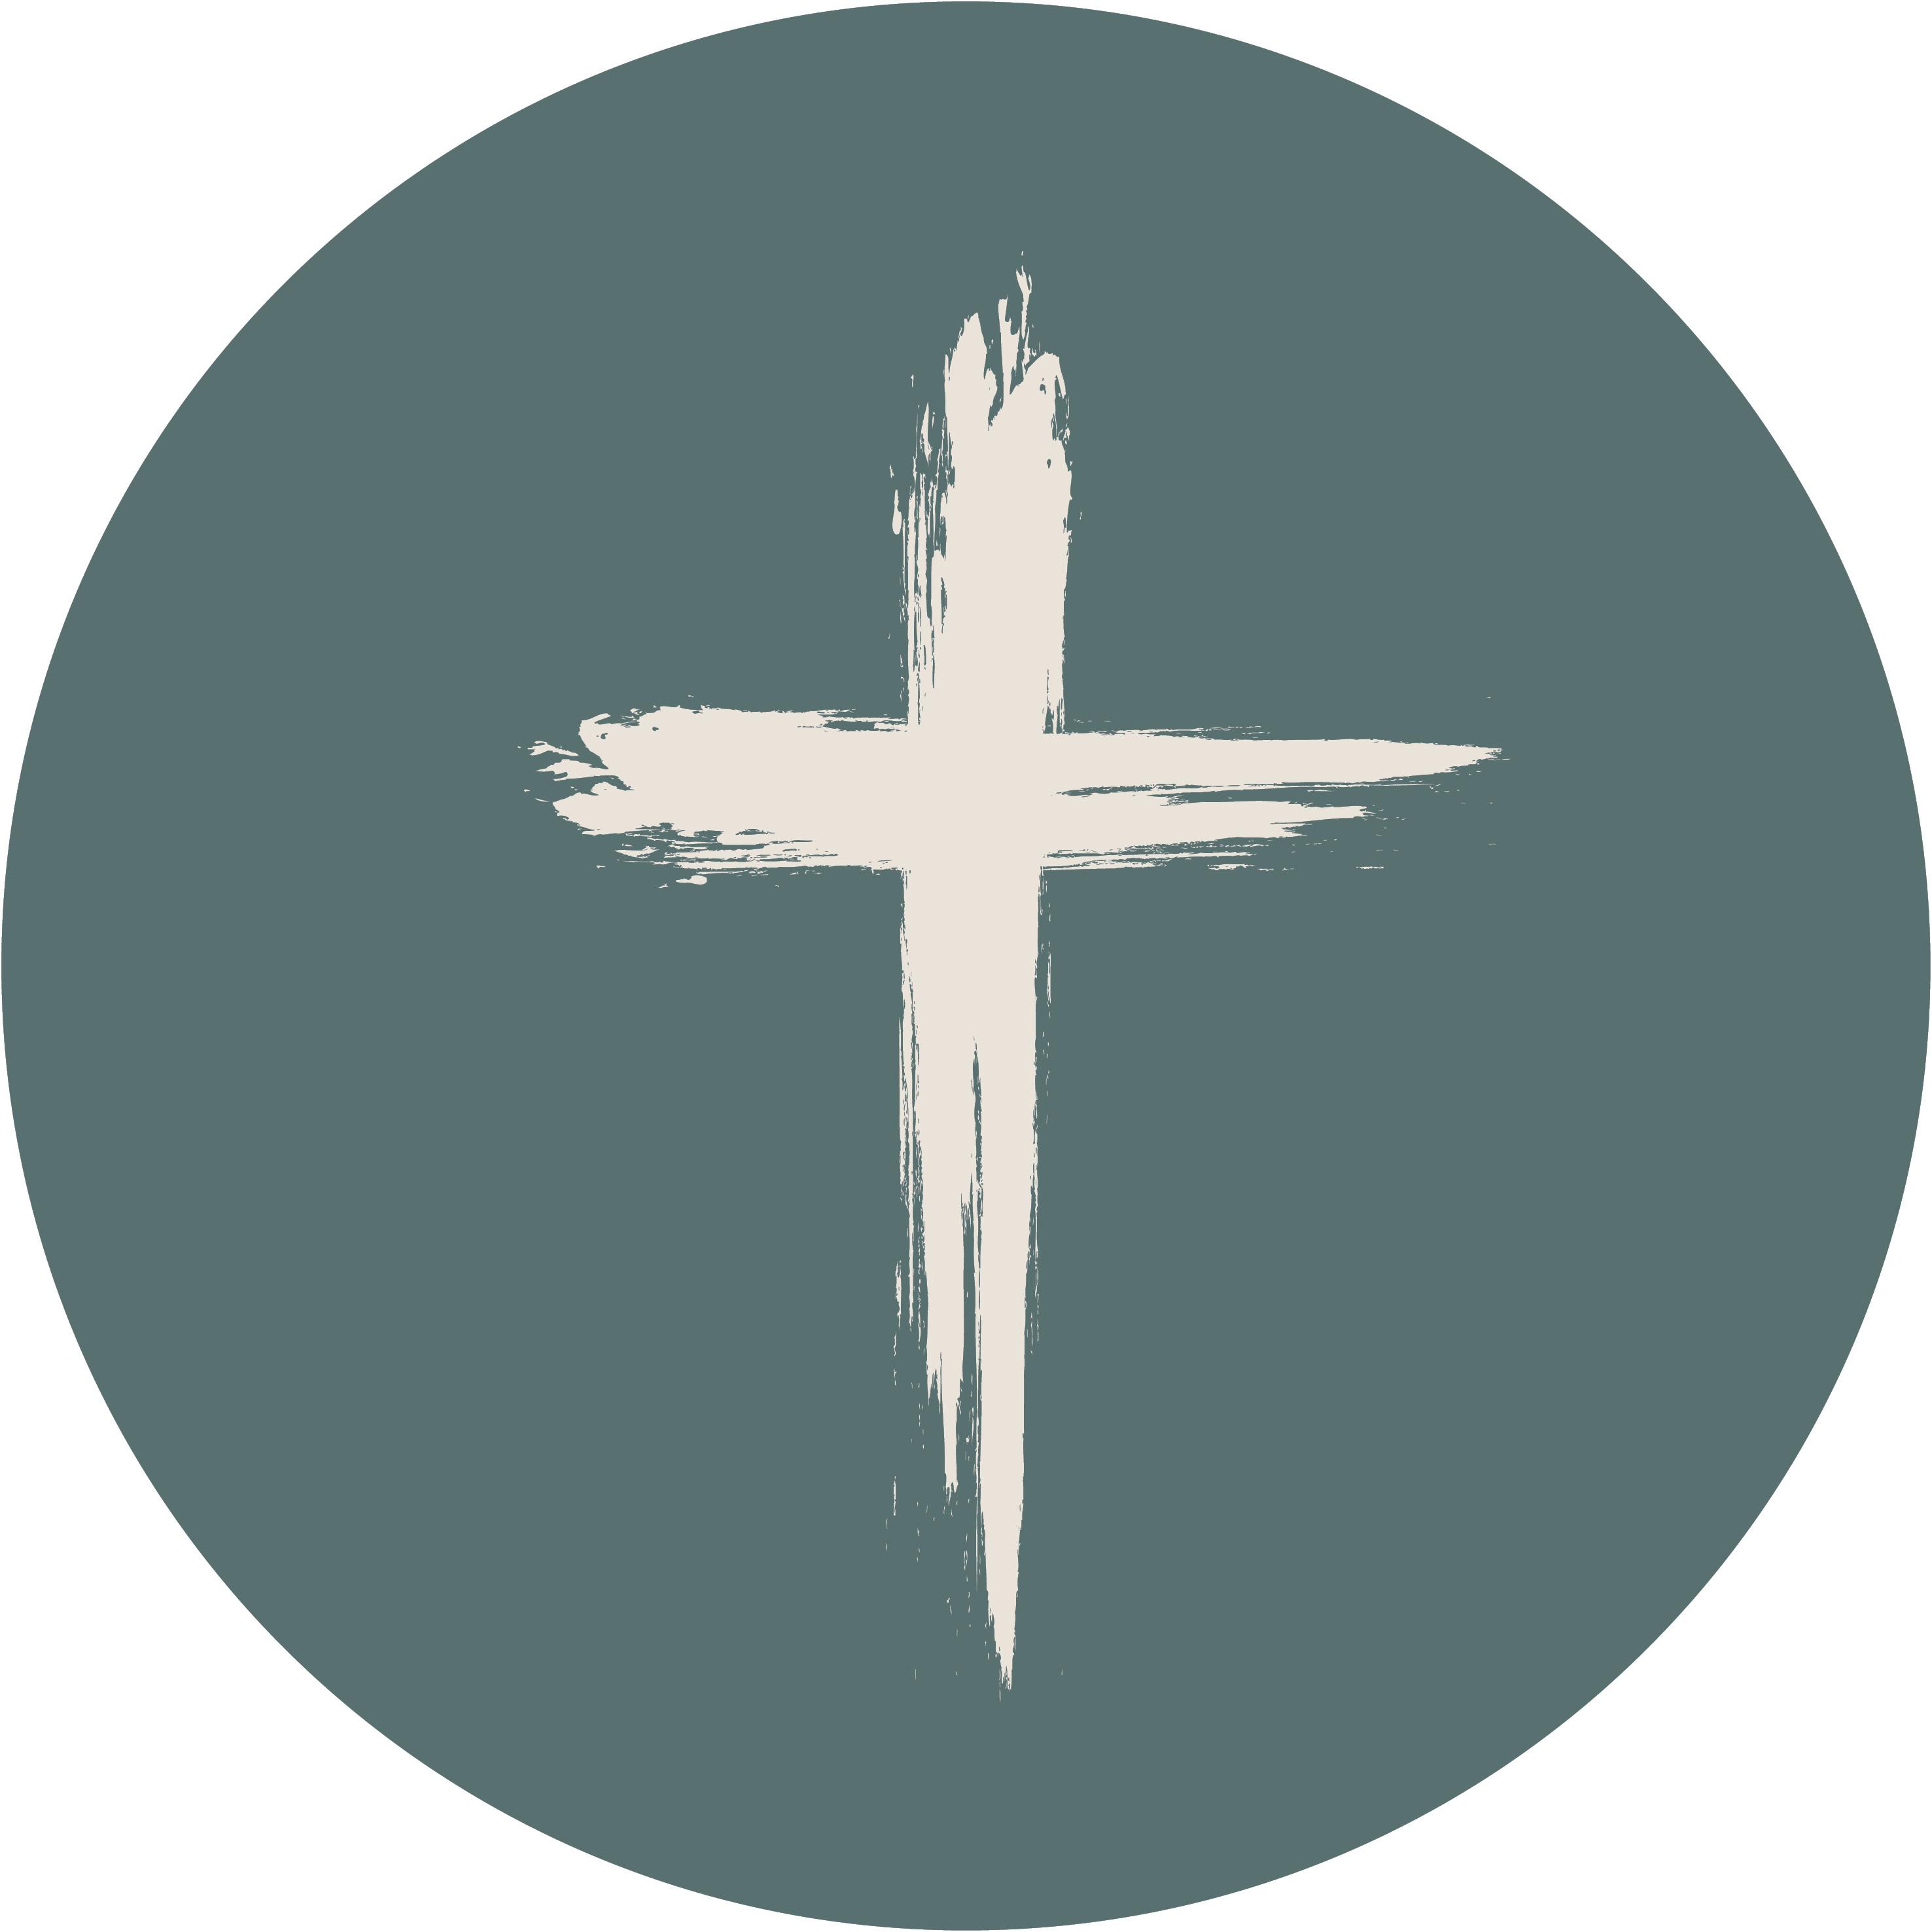 Muurcirkel Groen 25 cm - Kruis